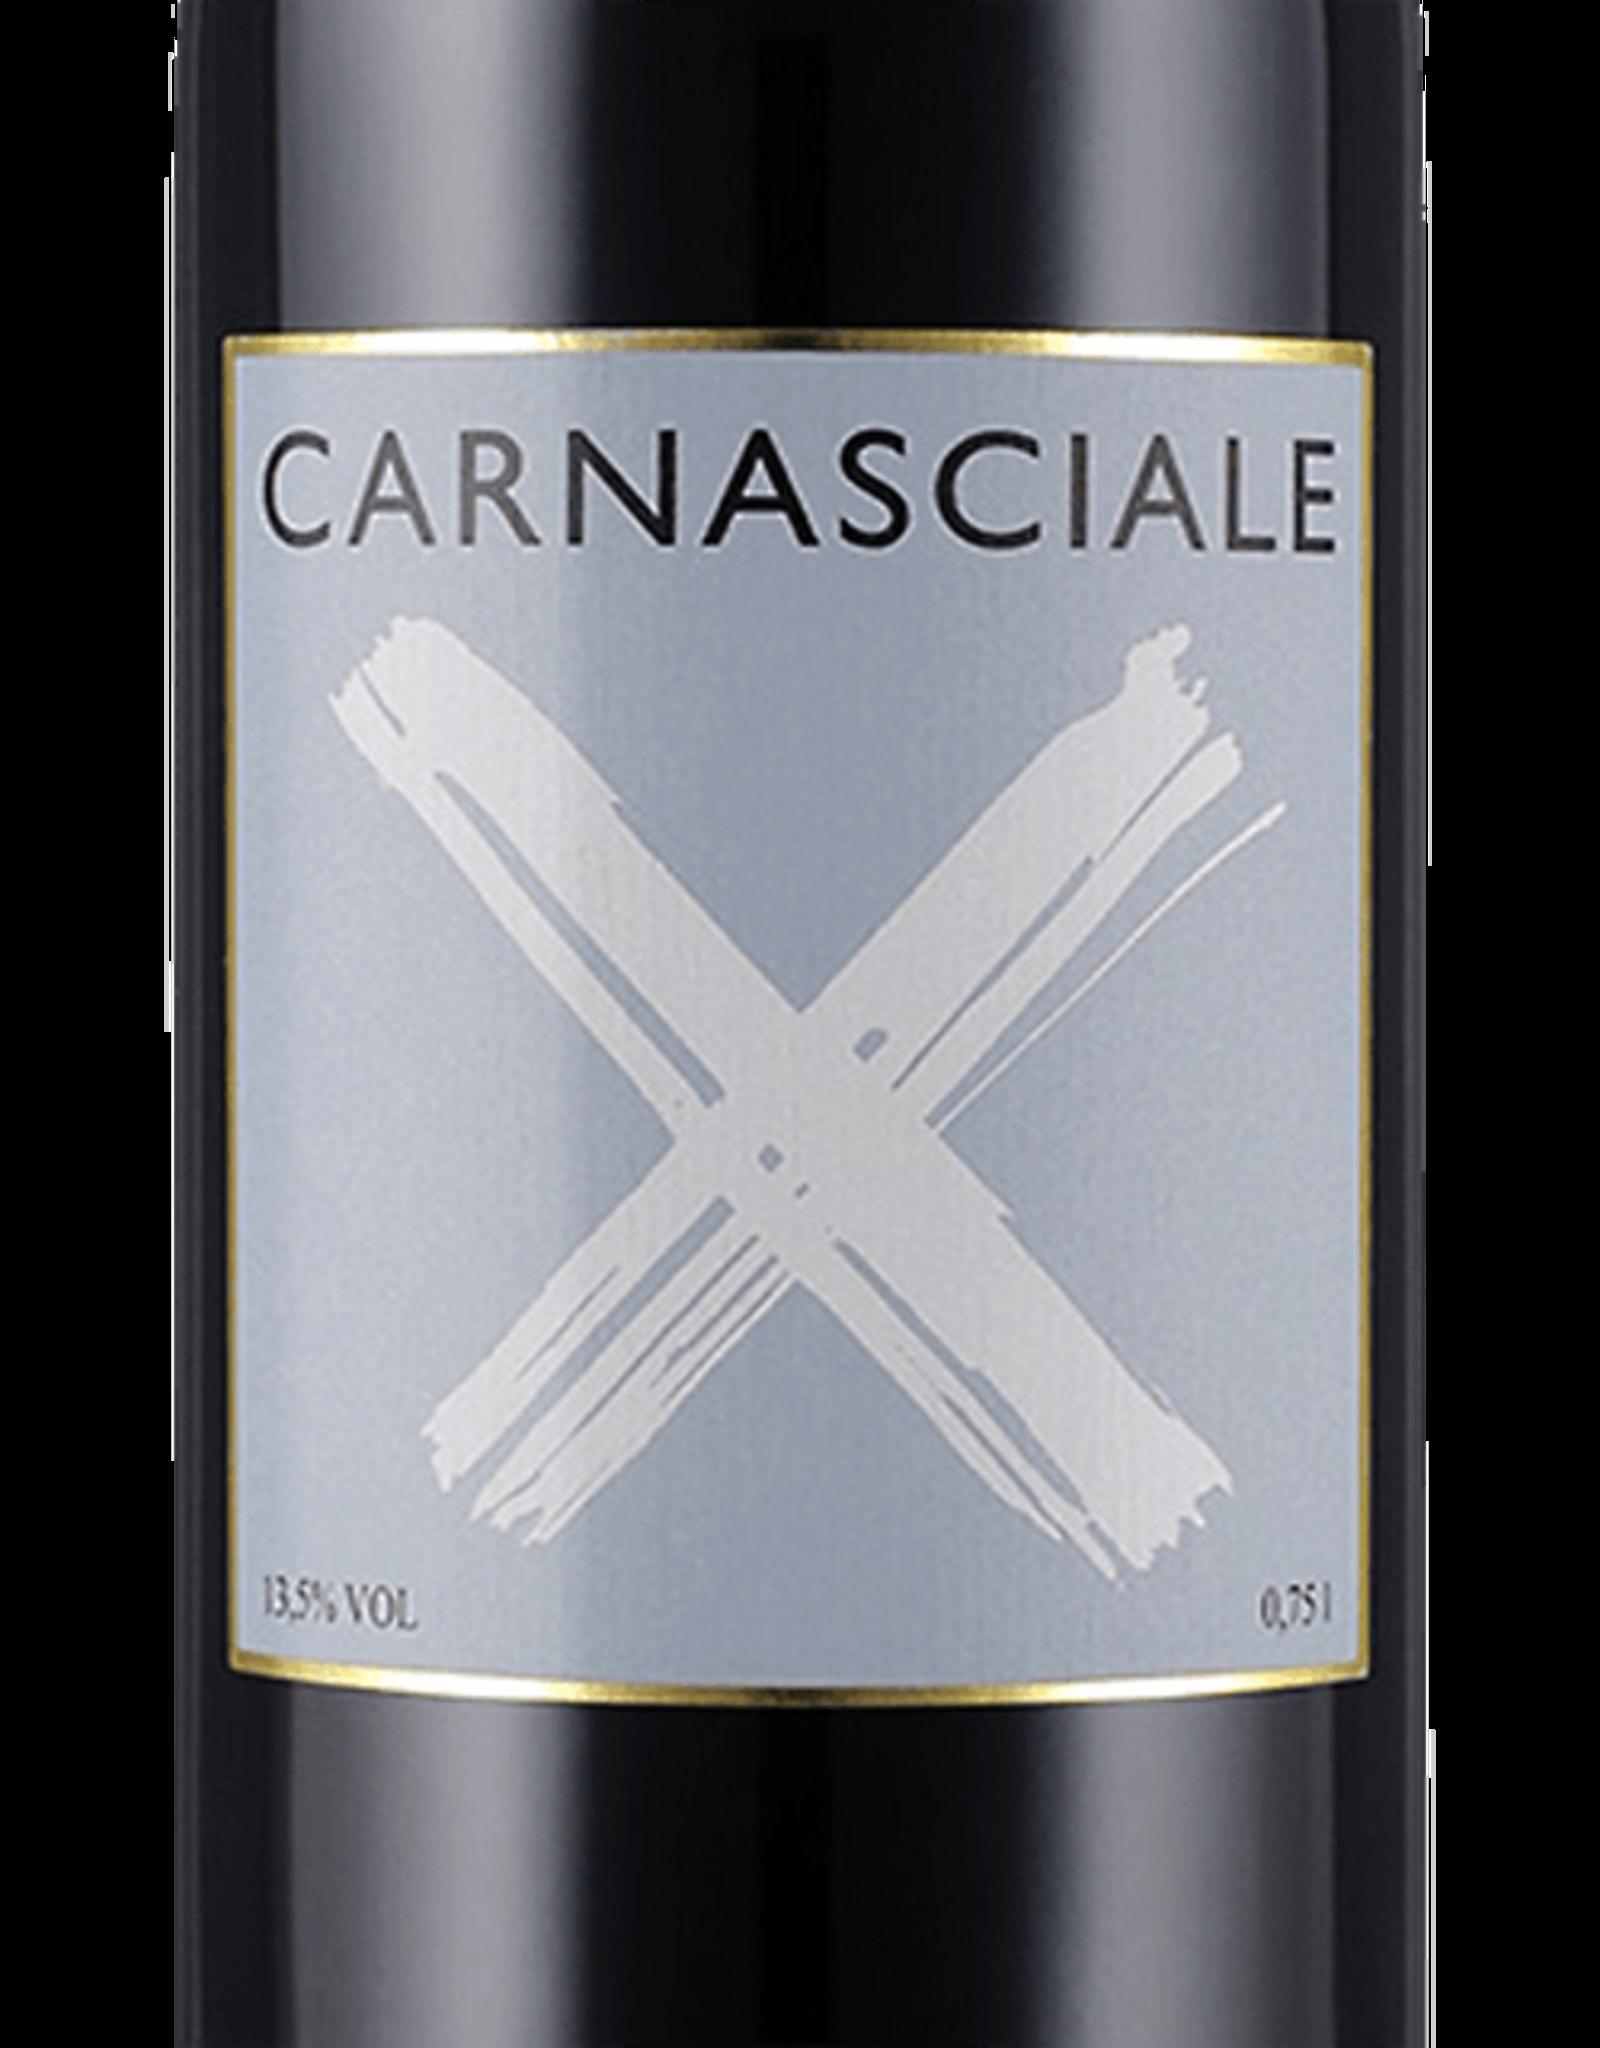 Carnasciale 2013